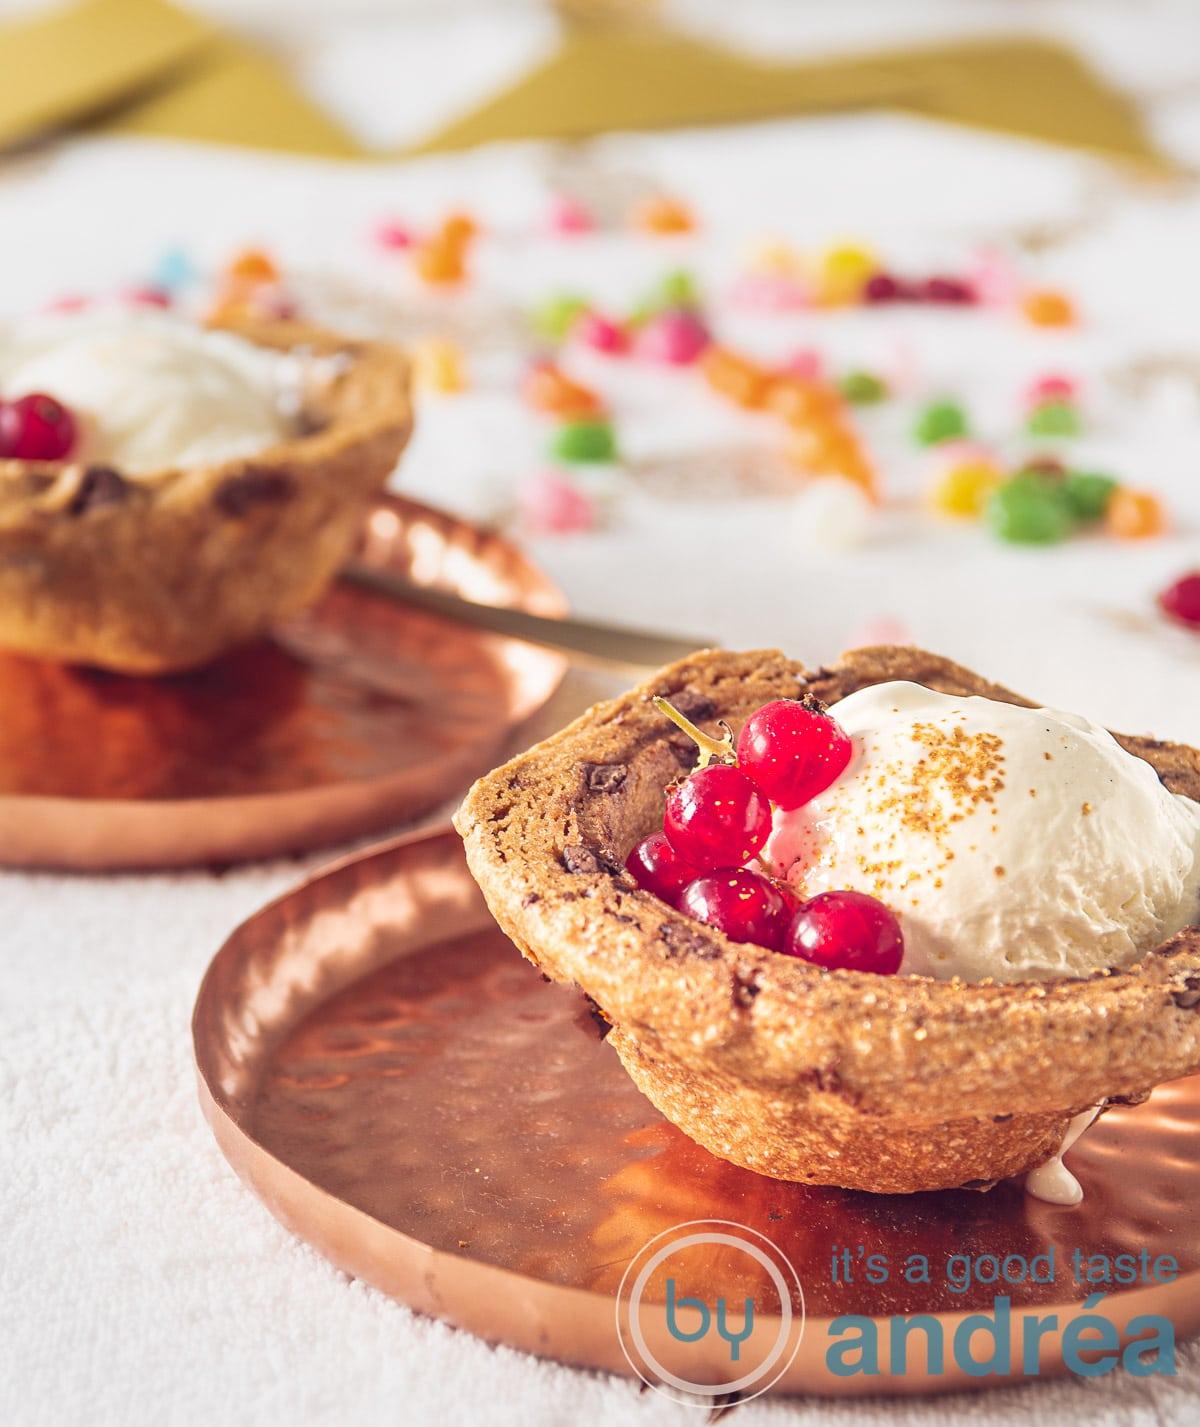 twee zandkoek bakjes gevuld met vanille ijs en rode bessen